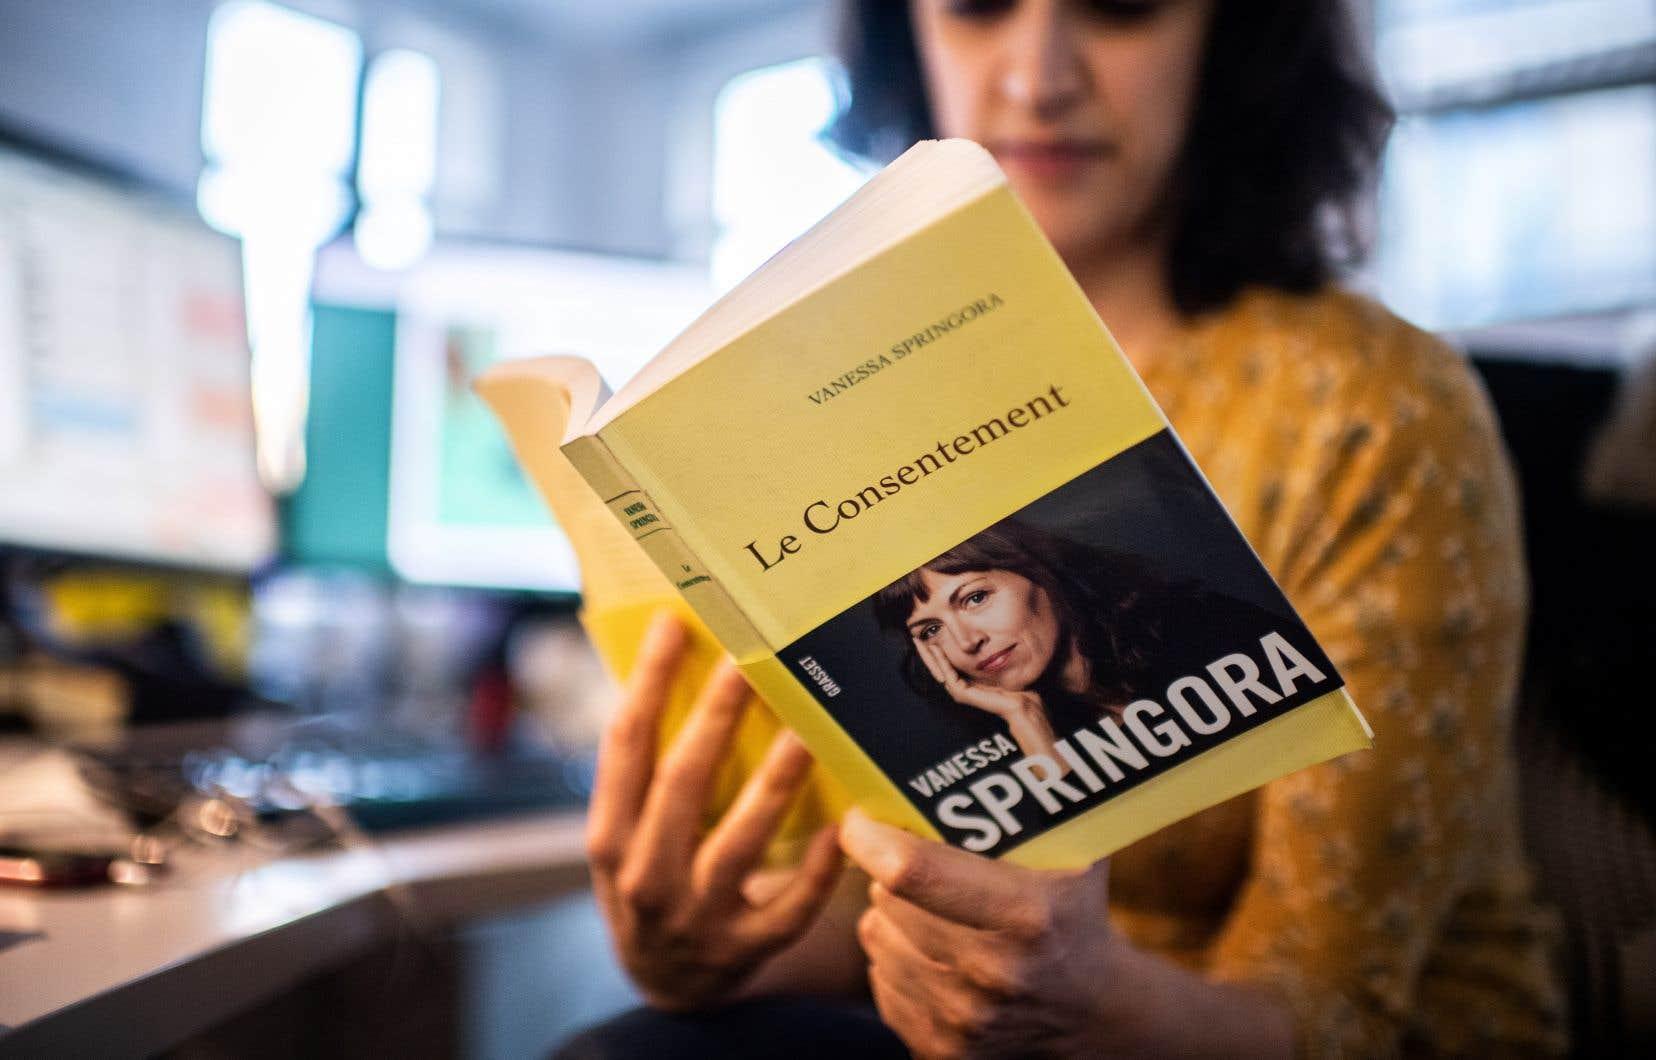 Dans «Le Consentement», Vanessa Springora raconte comment elle a été séduite par Gabriel Matzneff à l'âge de 13 ans dans les années 1980 et les blessures que cette relation a laissé dans sa vie.